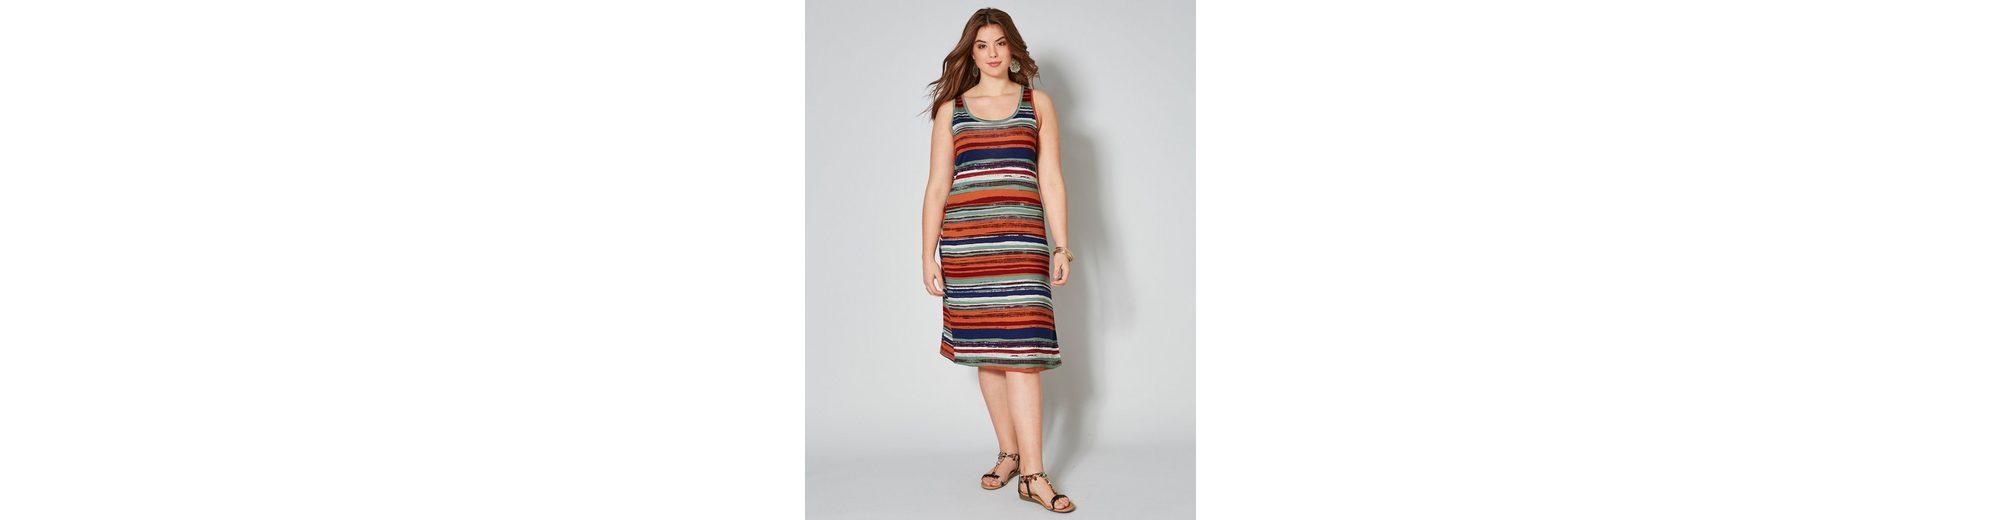 Günstigsten Preis Online Angel of Style by Happy Size Jersey-Kleid gestreift Billig Verkauf Für Billig Online-Suche Zu Verkaufen Billig Verkauf Ausgezeichnet 2018 Günstig Online bMqIY